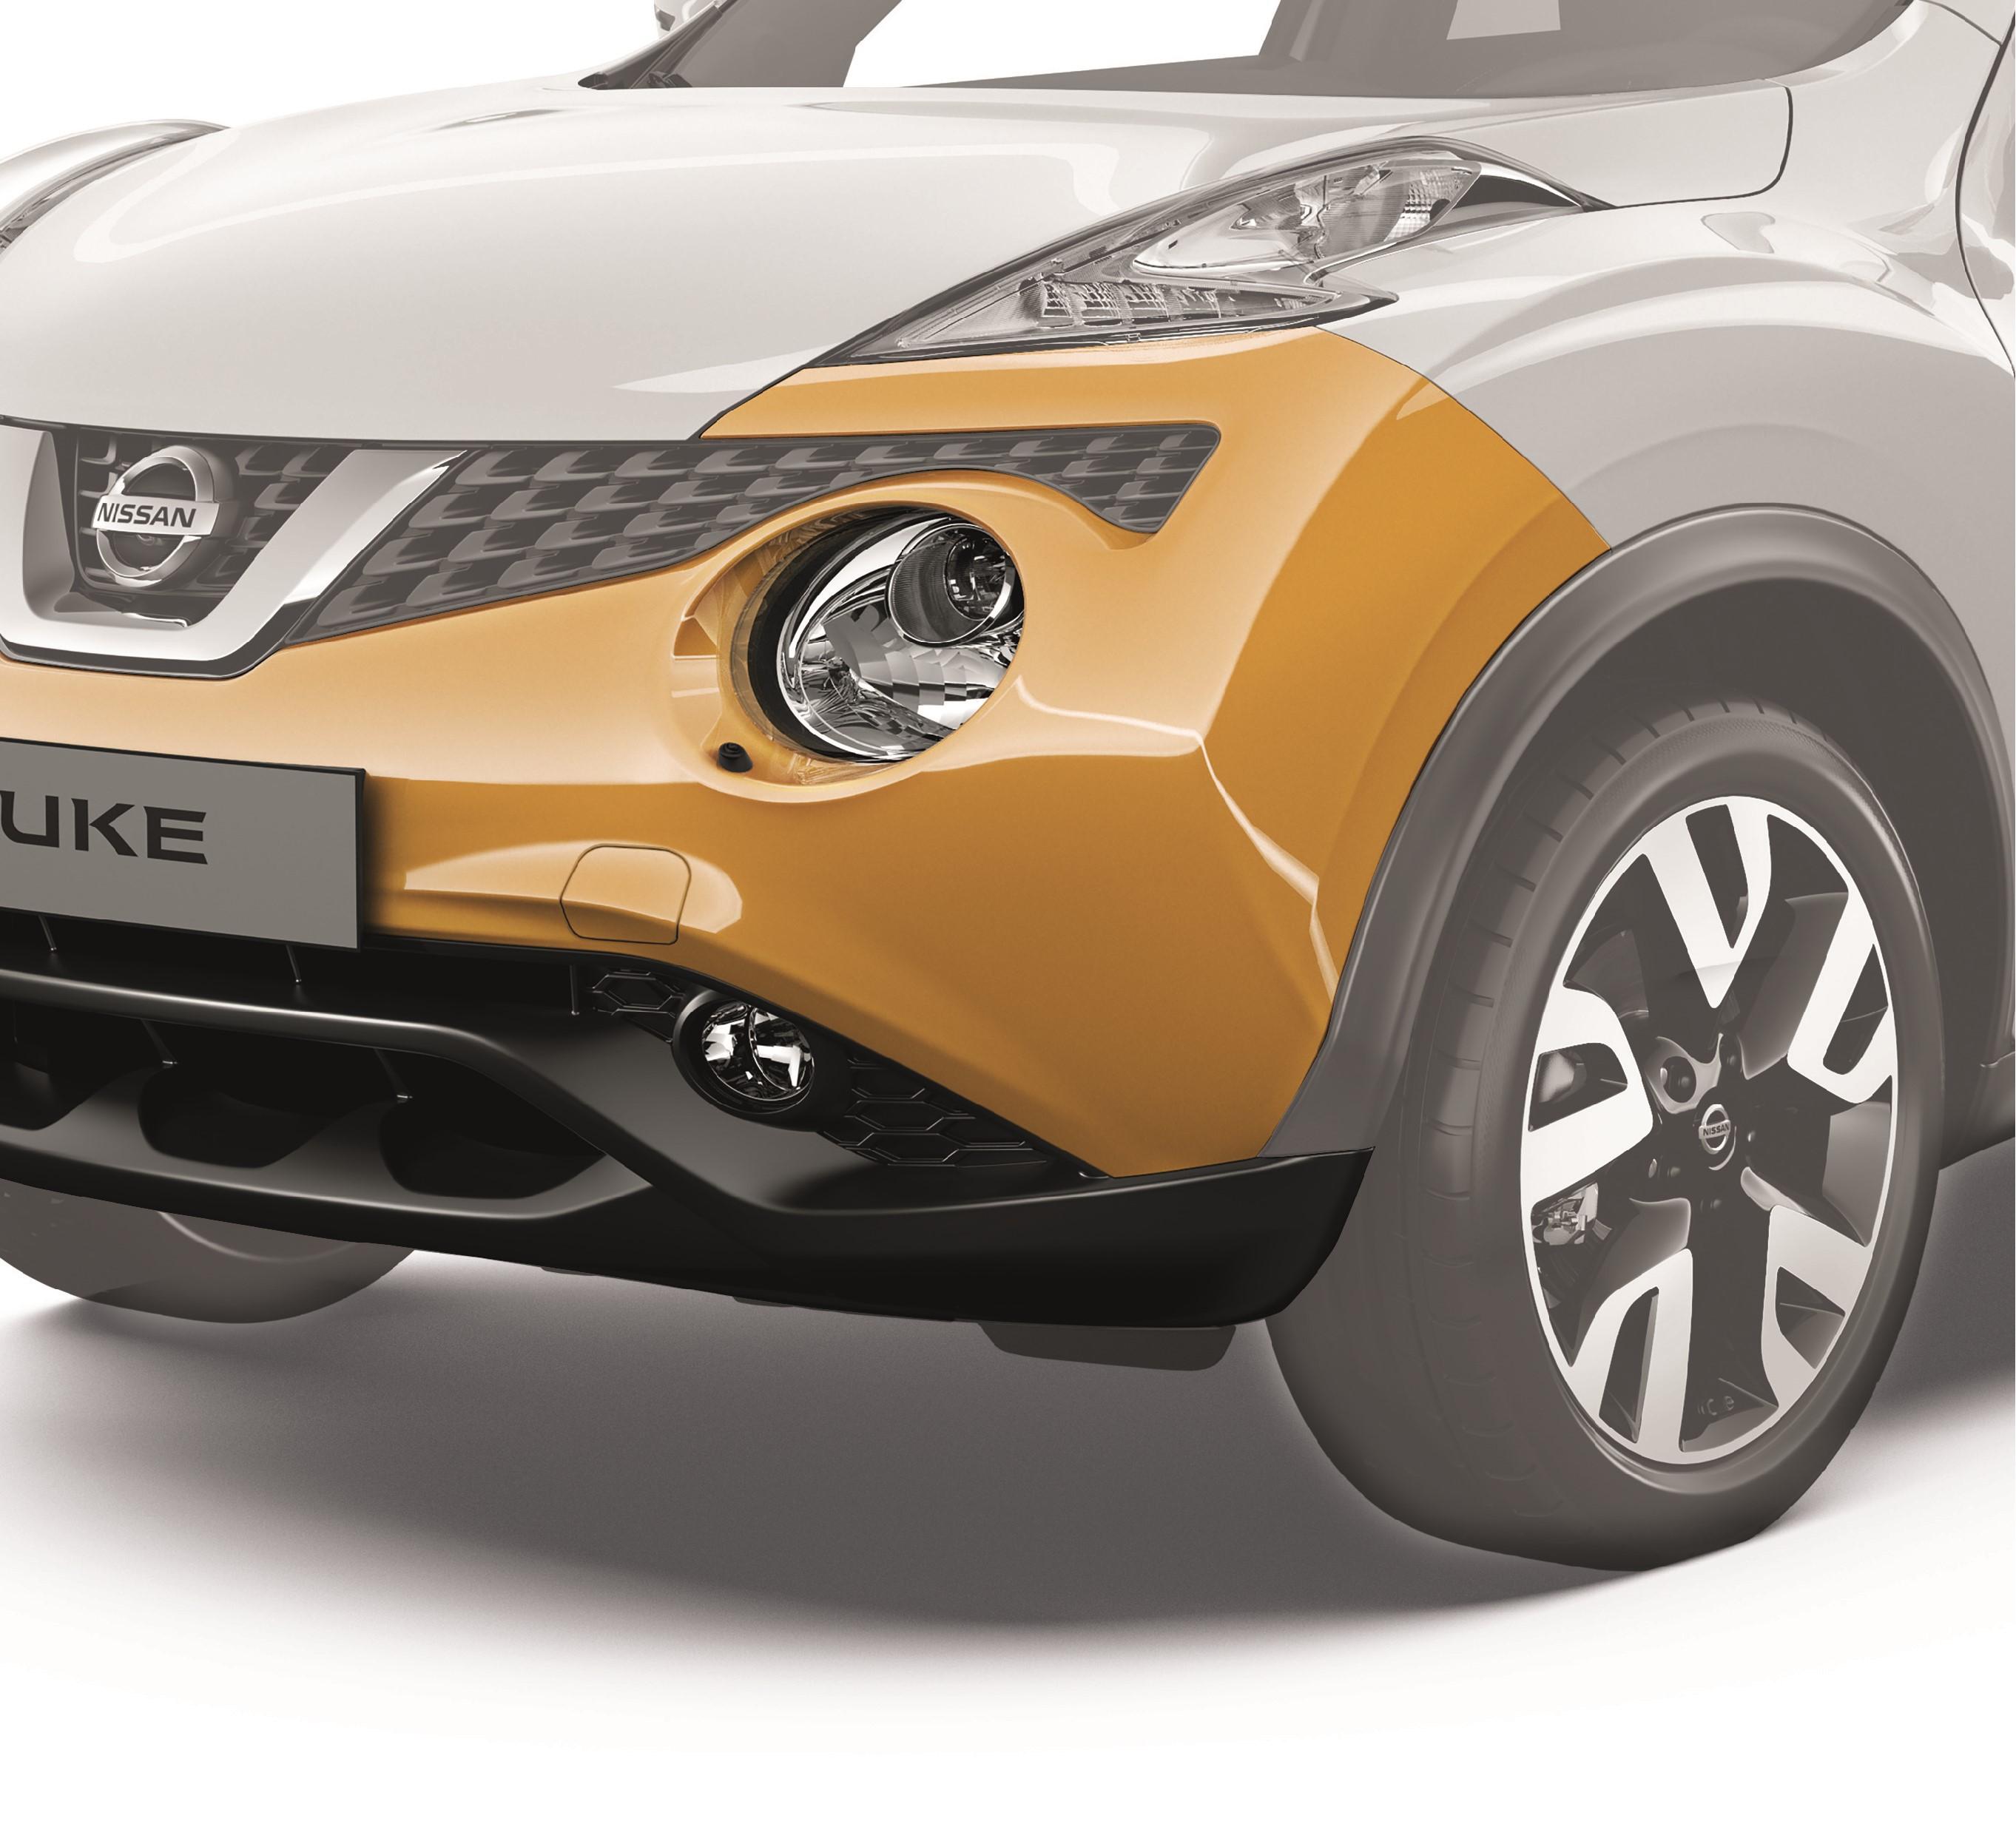 Nissan e il programma paraurti verniciati